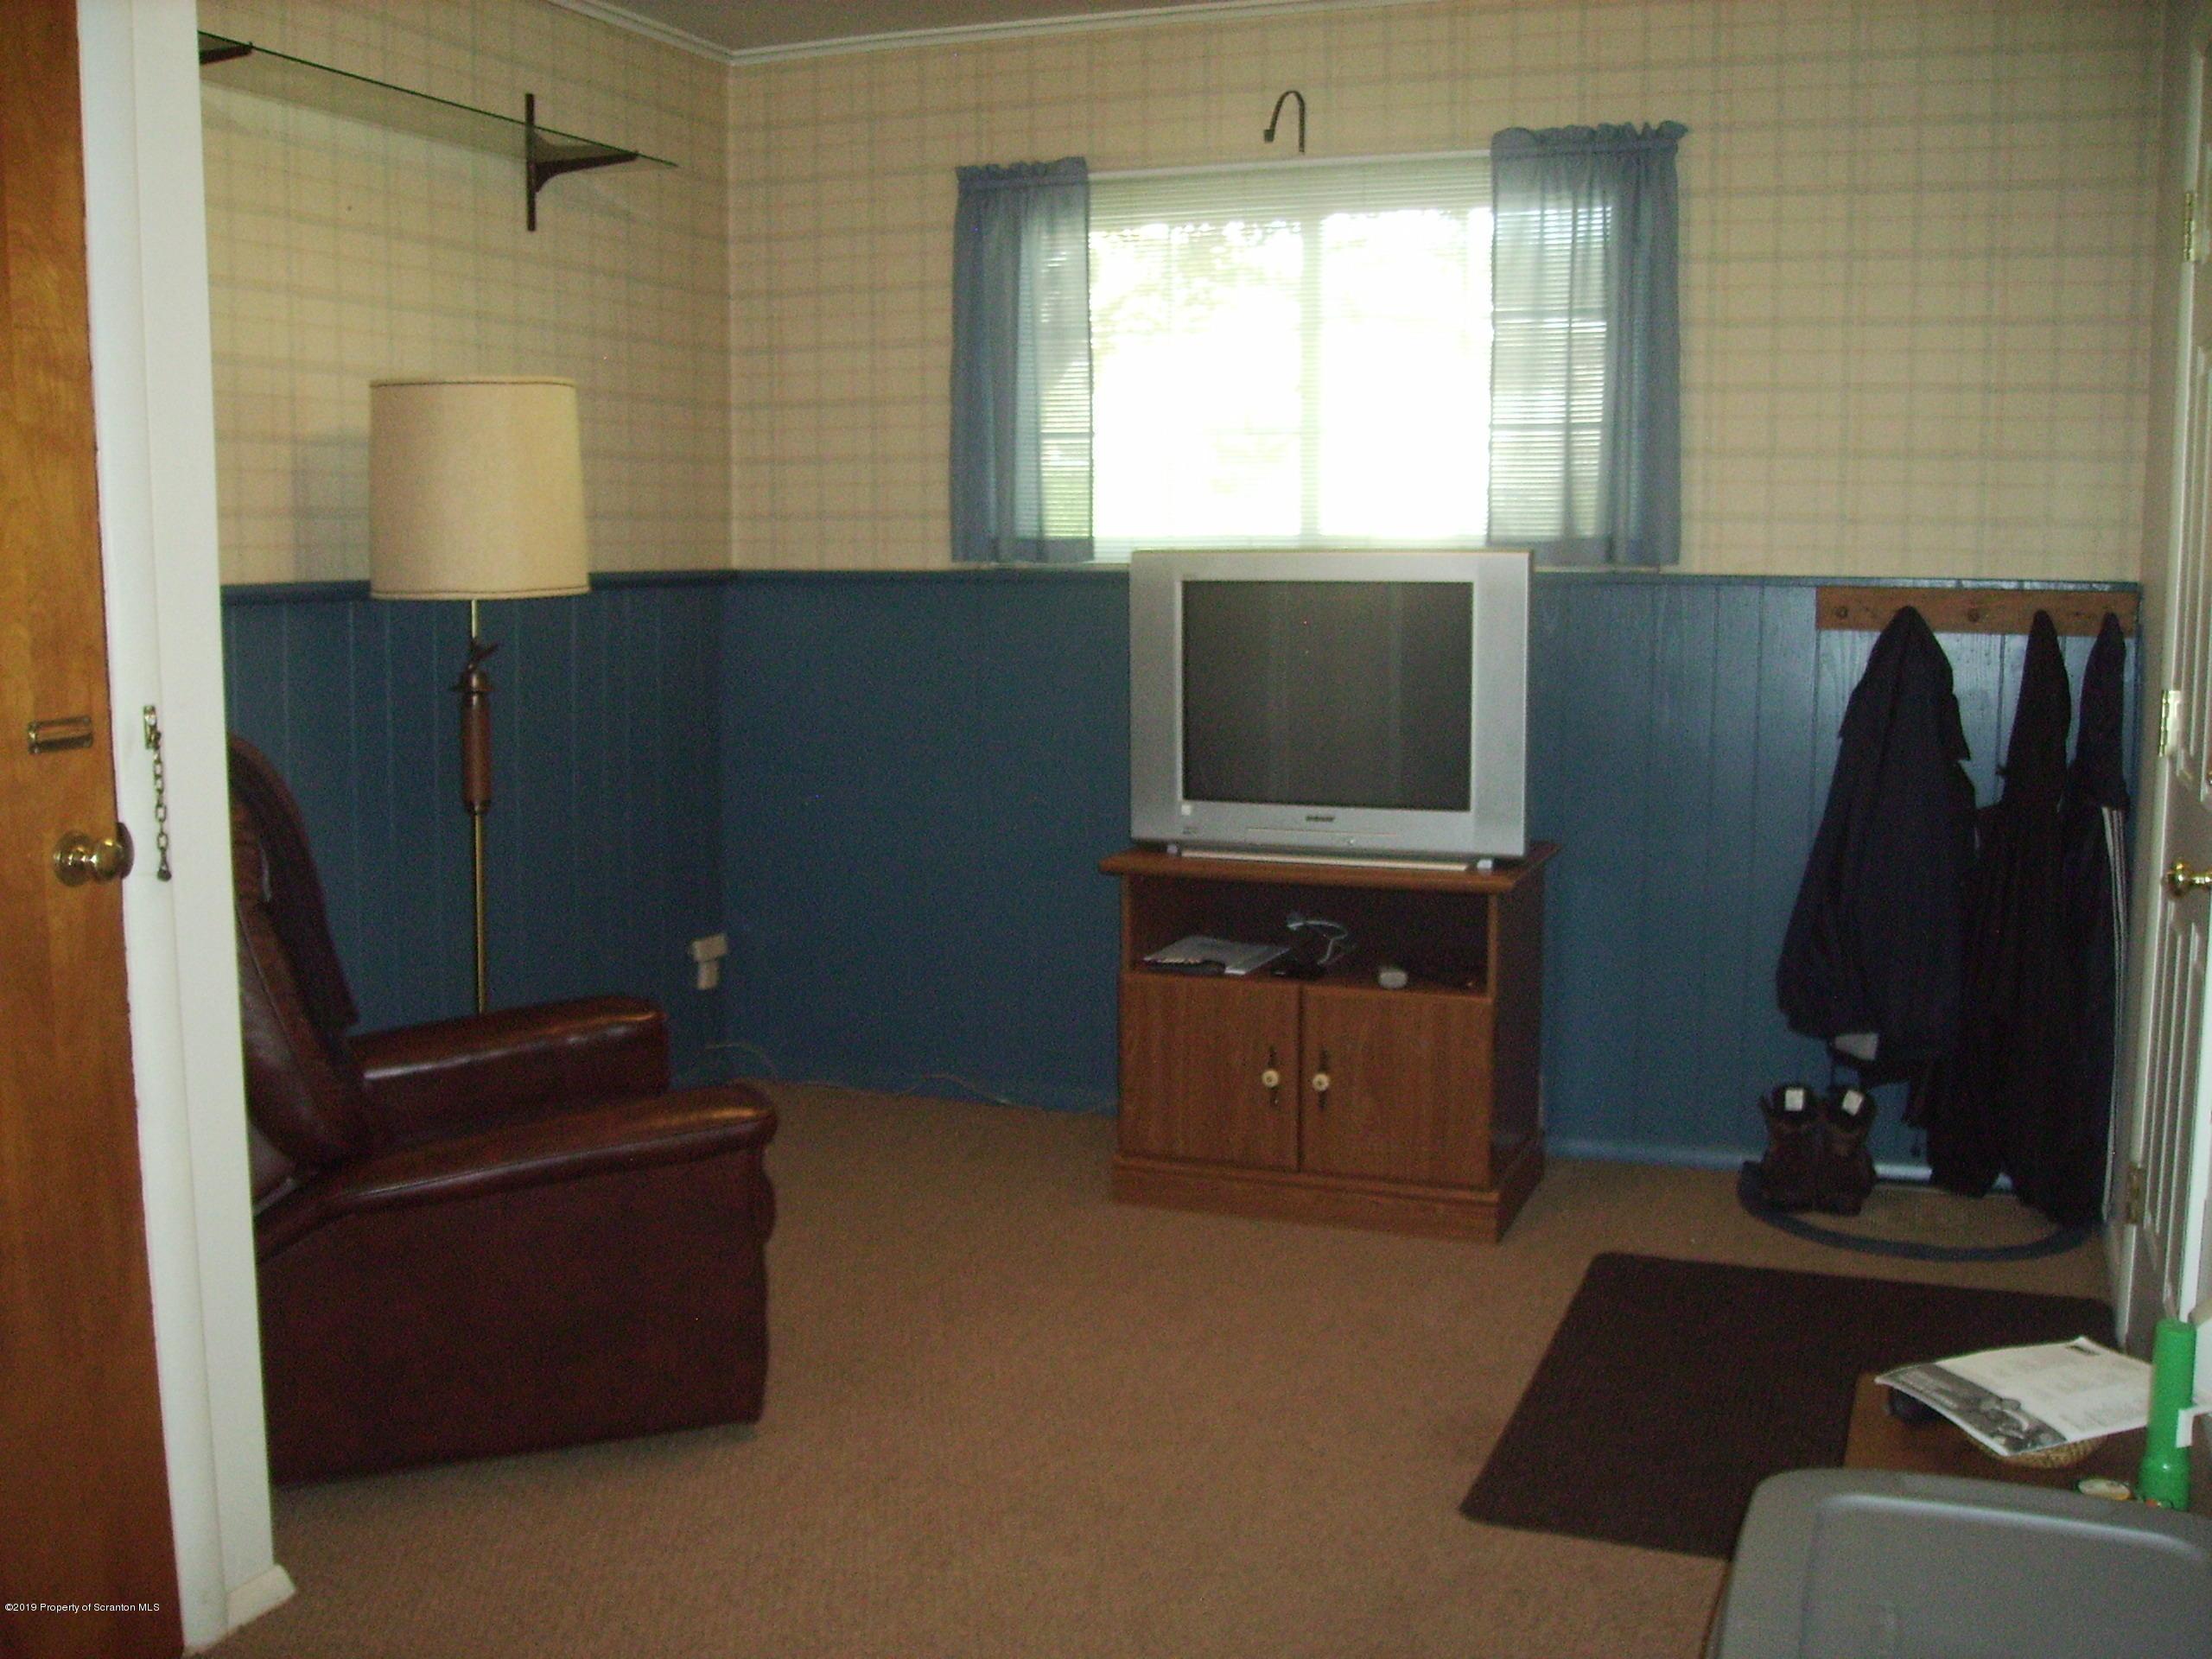 110 Hemlock Dr, Clarks Summit, Pennsylvania 18411, 3 Bedrooms Bedrooms, 7 Rooms Rooms,3 BathroomsBathrooms,Single Family,For Sale,Hemlock,19-2401